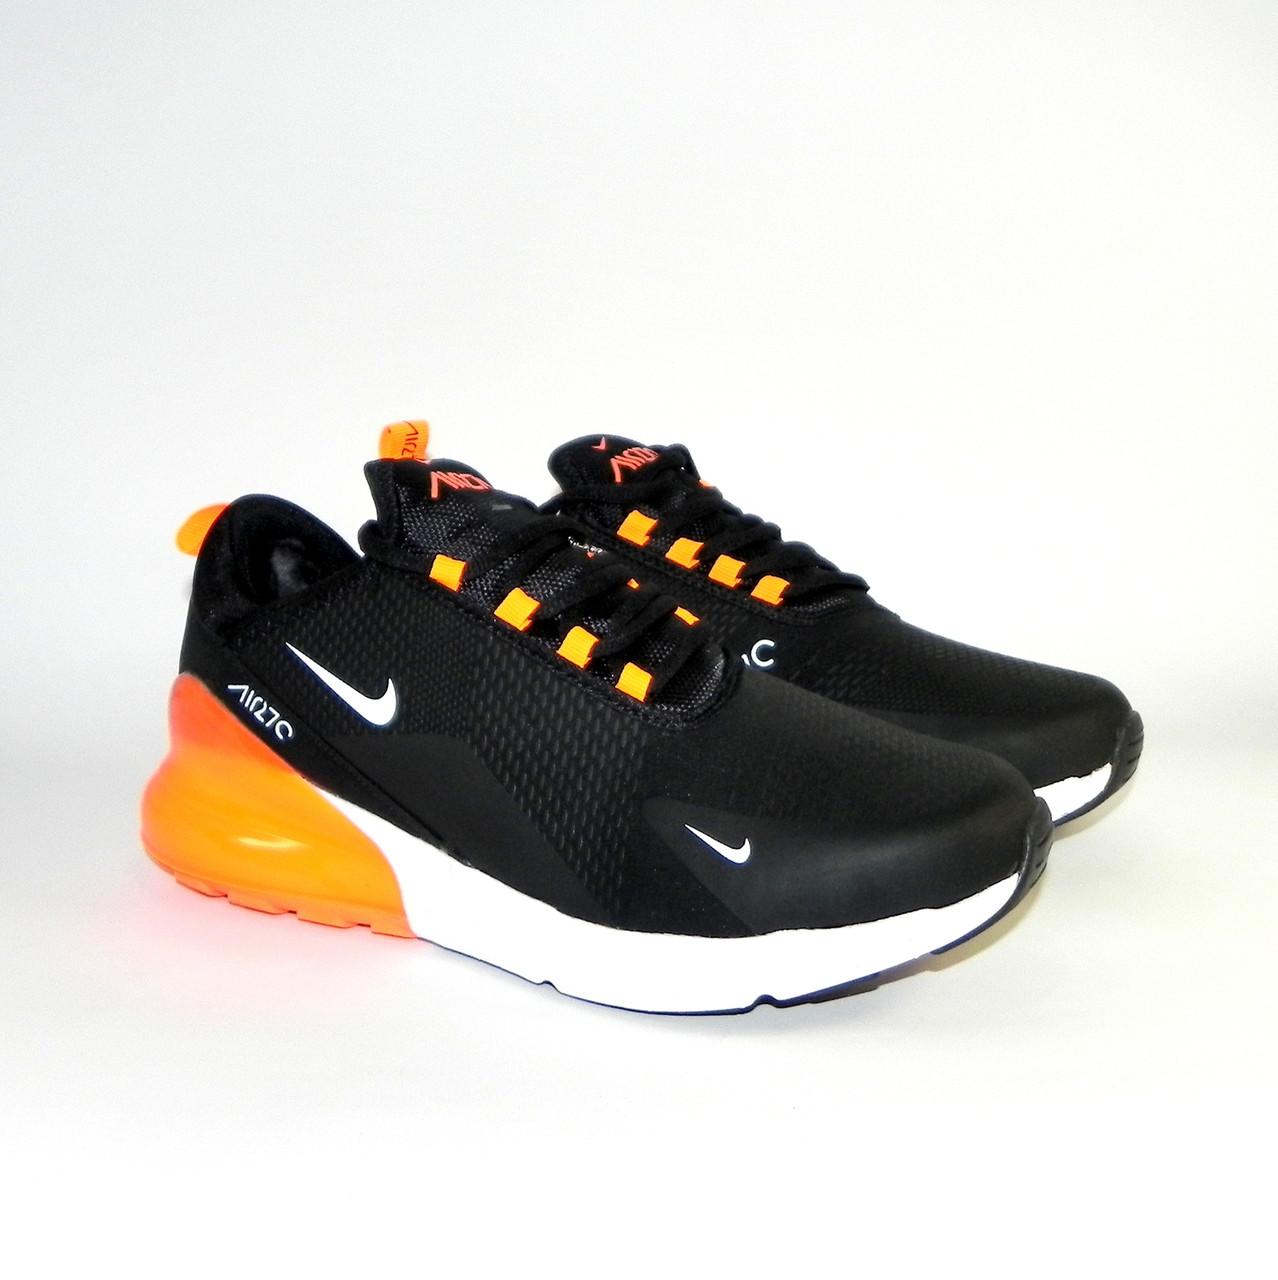 2499fbf8 Кроссовки мужские зимние Nike Air Max 270 Black/Orange (в стиле Найк ...